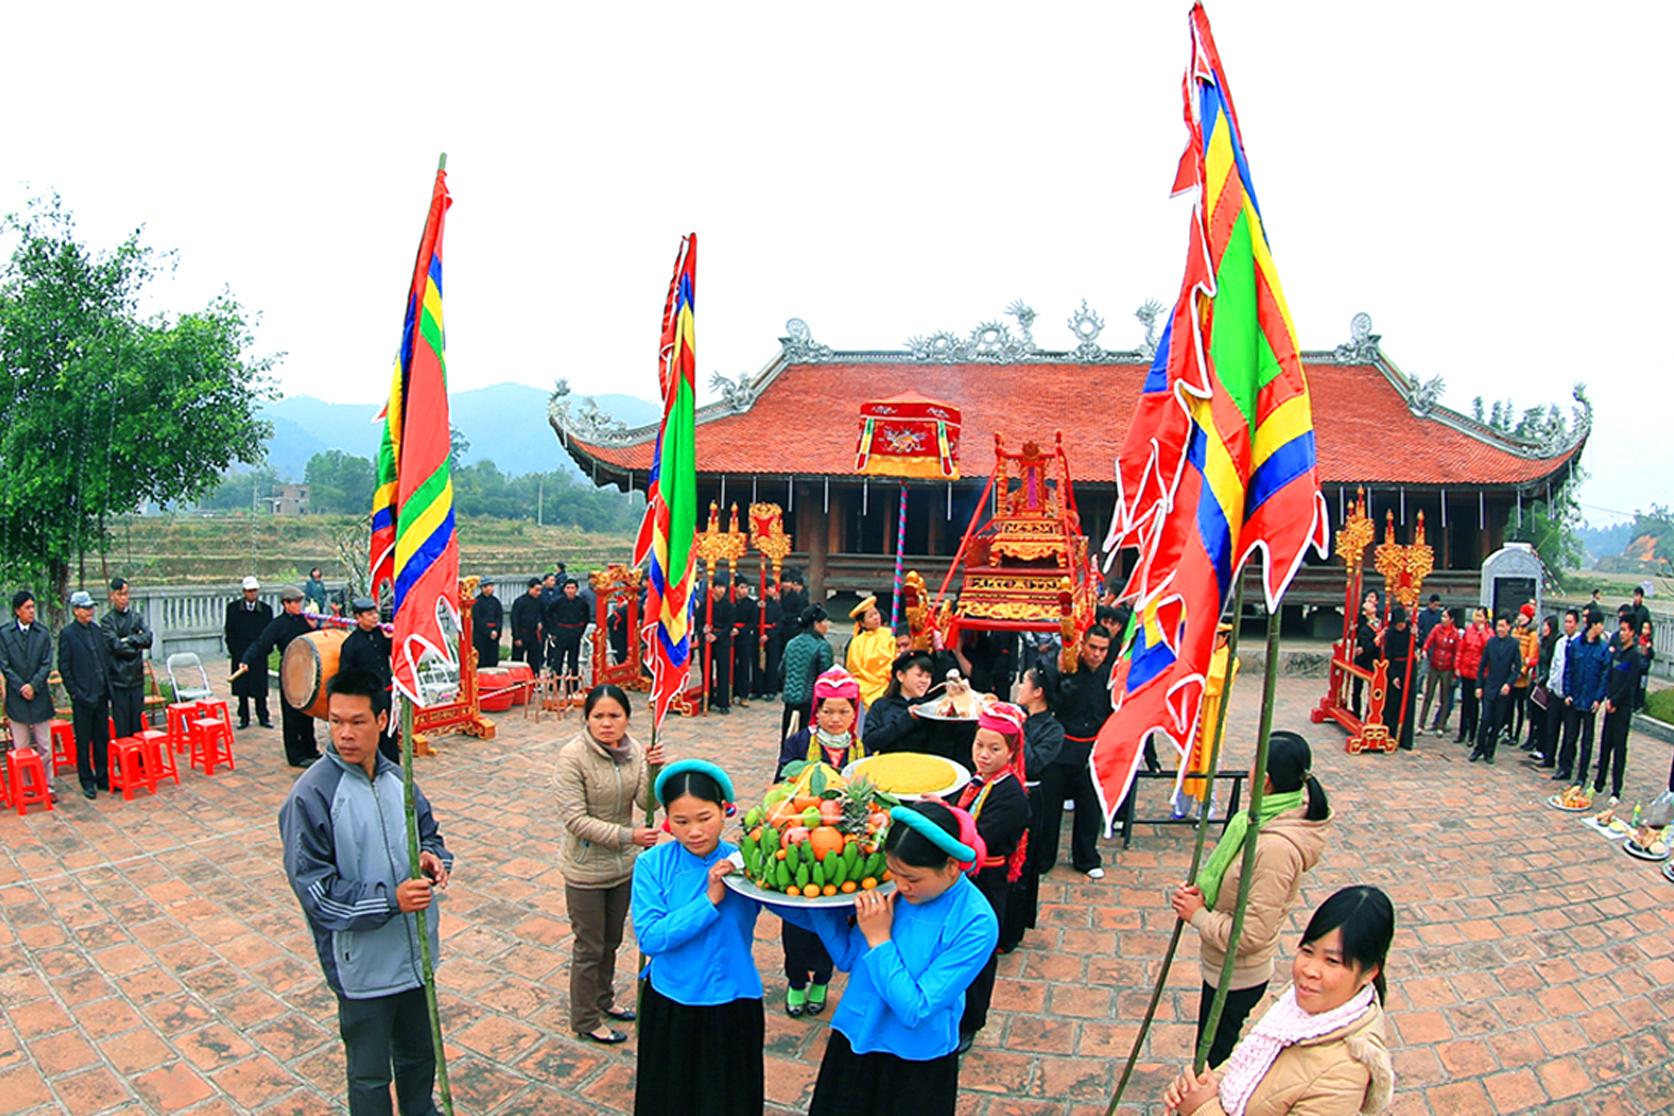 Lễ hội Đình Lục Nà đầu năm mới ở Bình liêu